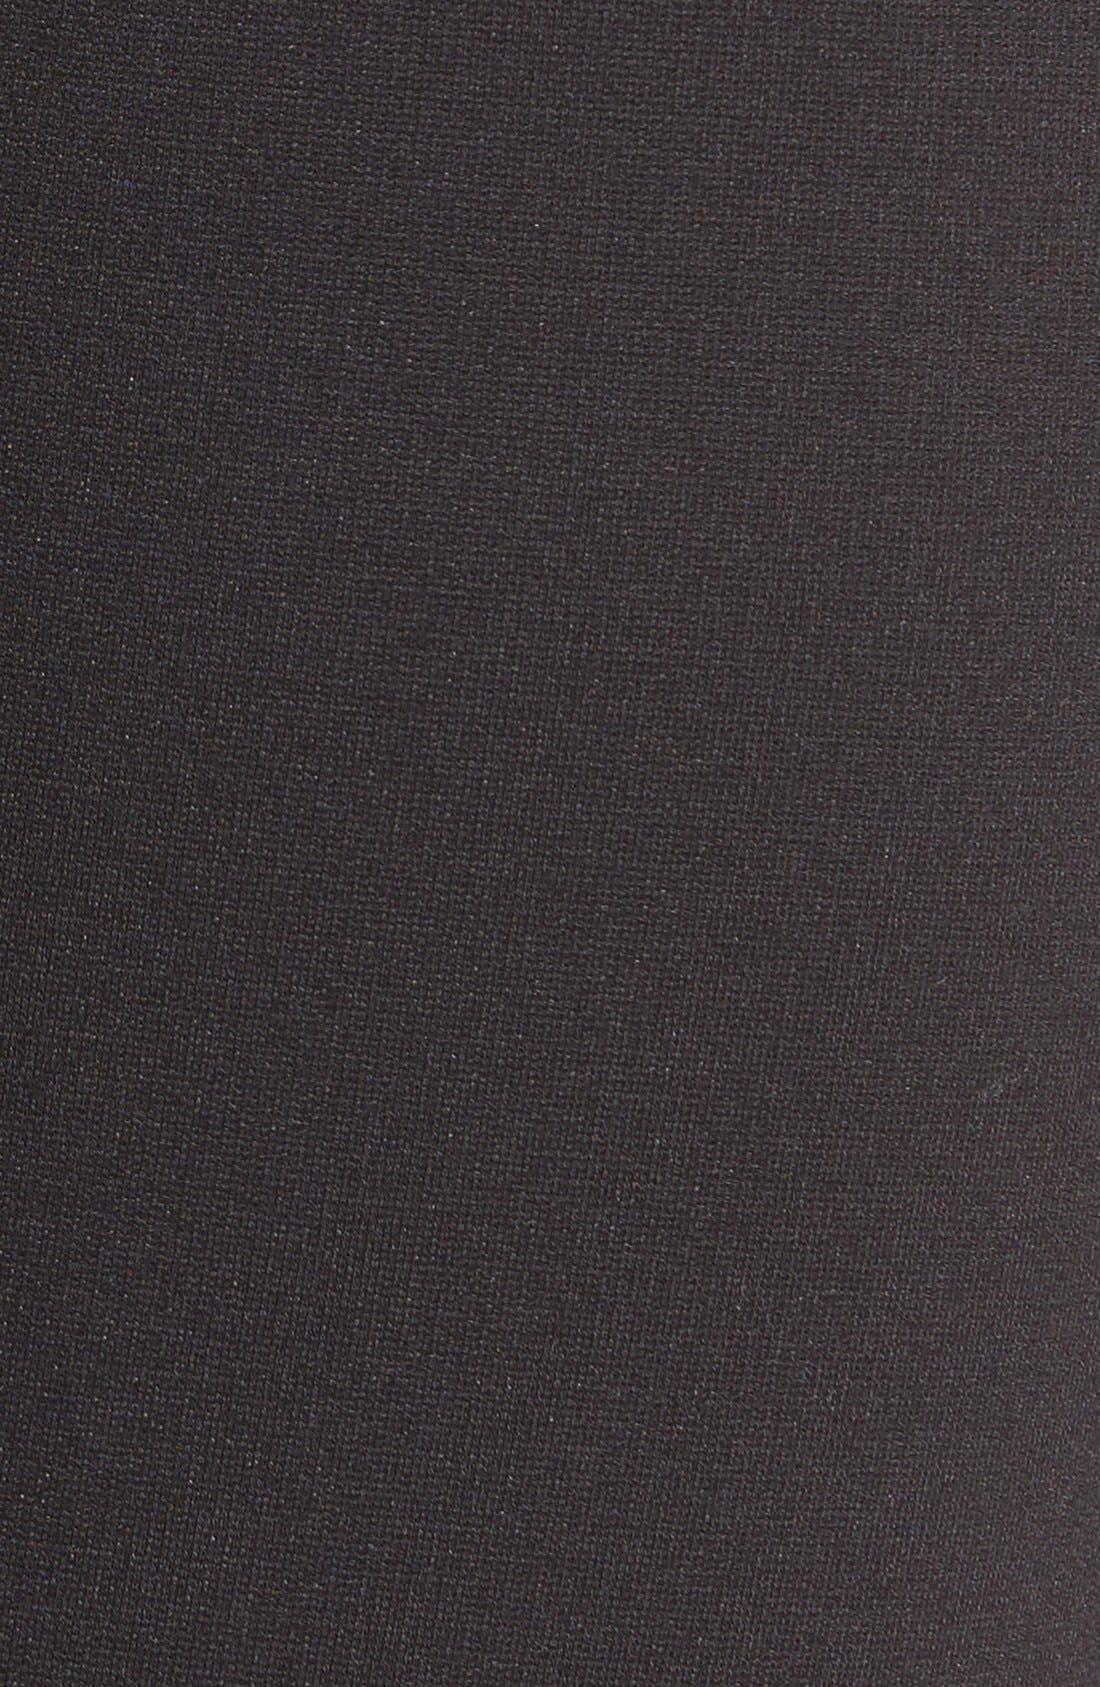 Hoxton Ankle Ponte Pants,                             Alternate thumbnail 5, color,                             001